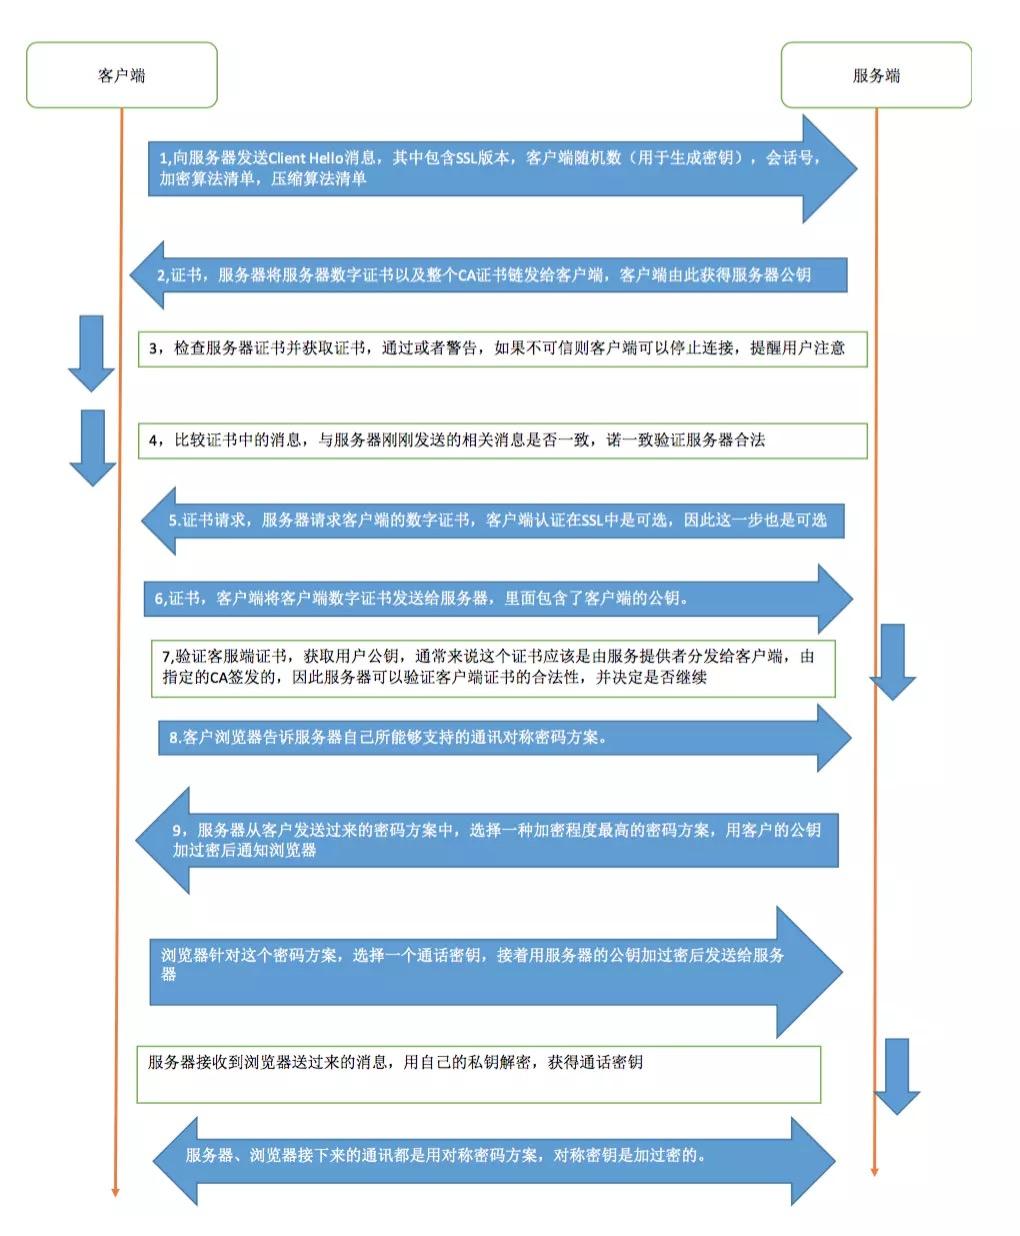 AFNetworking 3.0与服务端 自签名证书 https双向认证